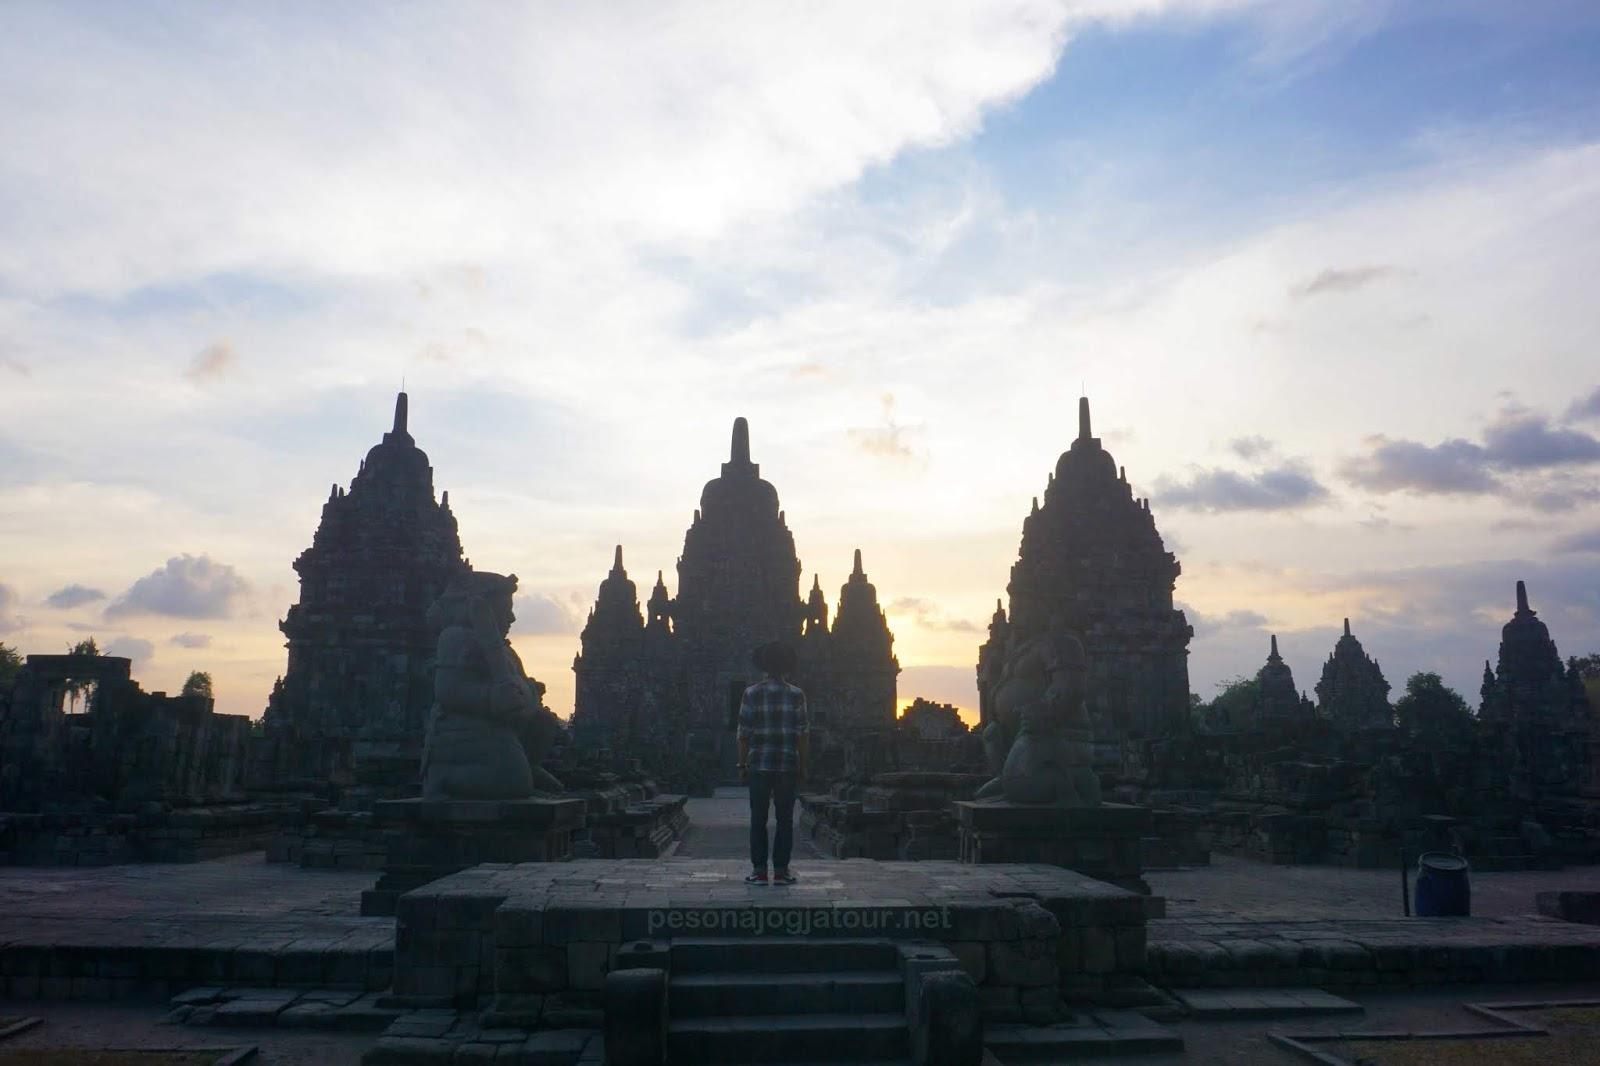 Sunset Candi Sewu Prambanan